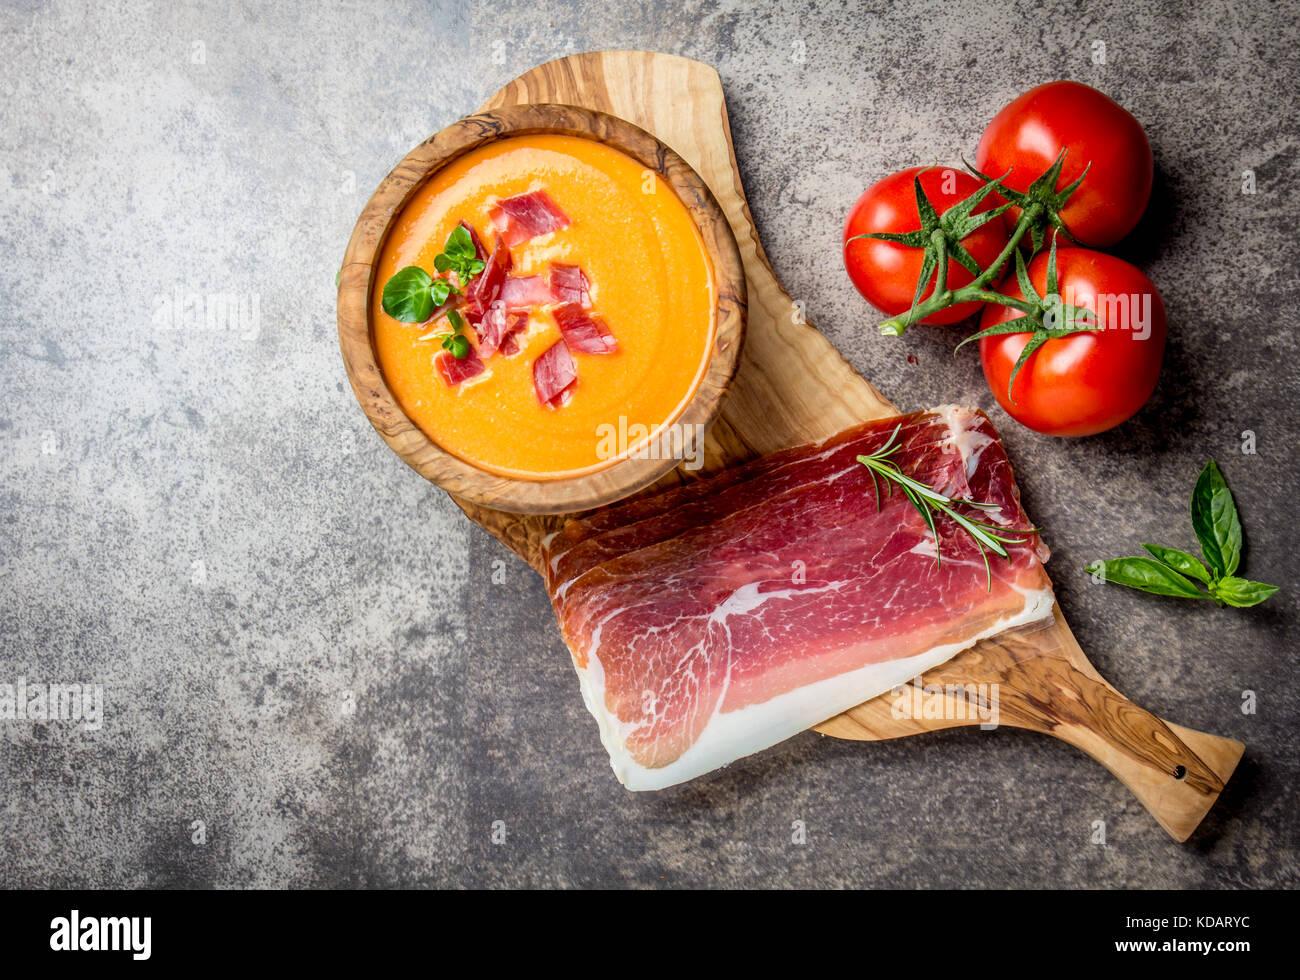 Spanische Tomatensuppe Salmorejo serviert in Olivenöl hölzerne Schüssel mit Schinken Jamón Serrano Stockbild